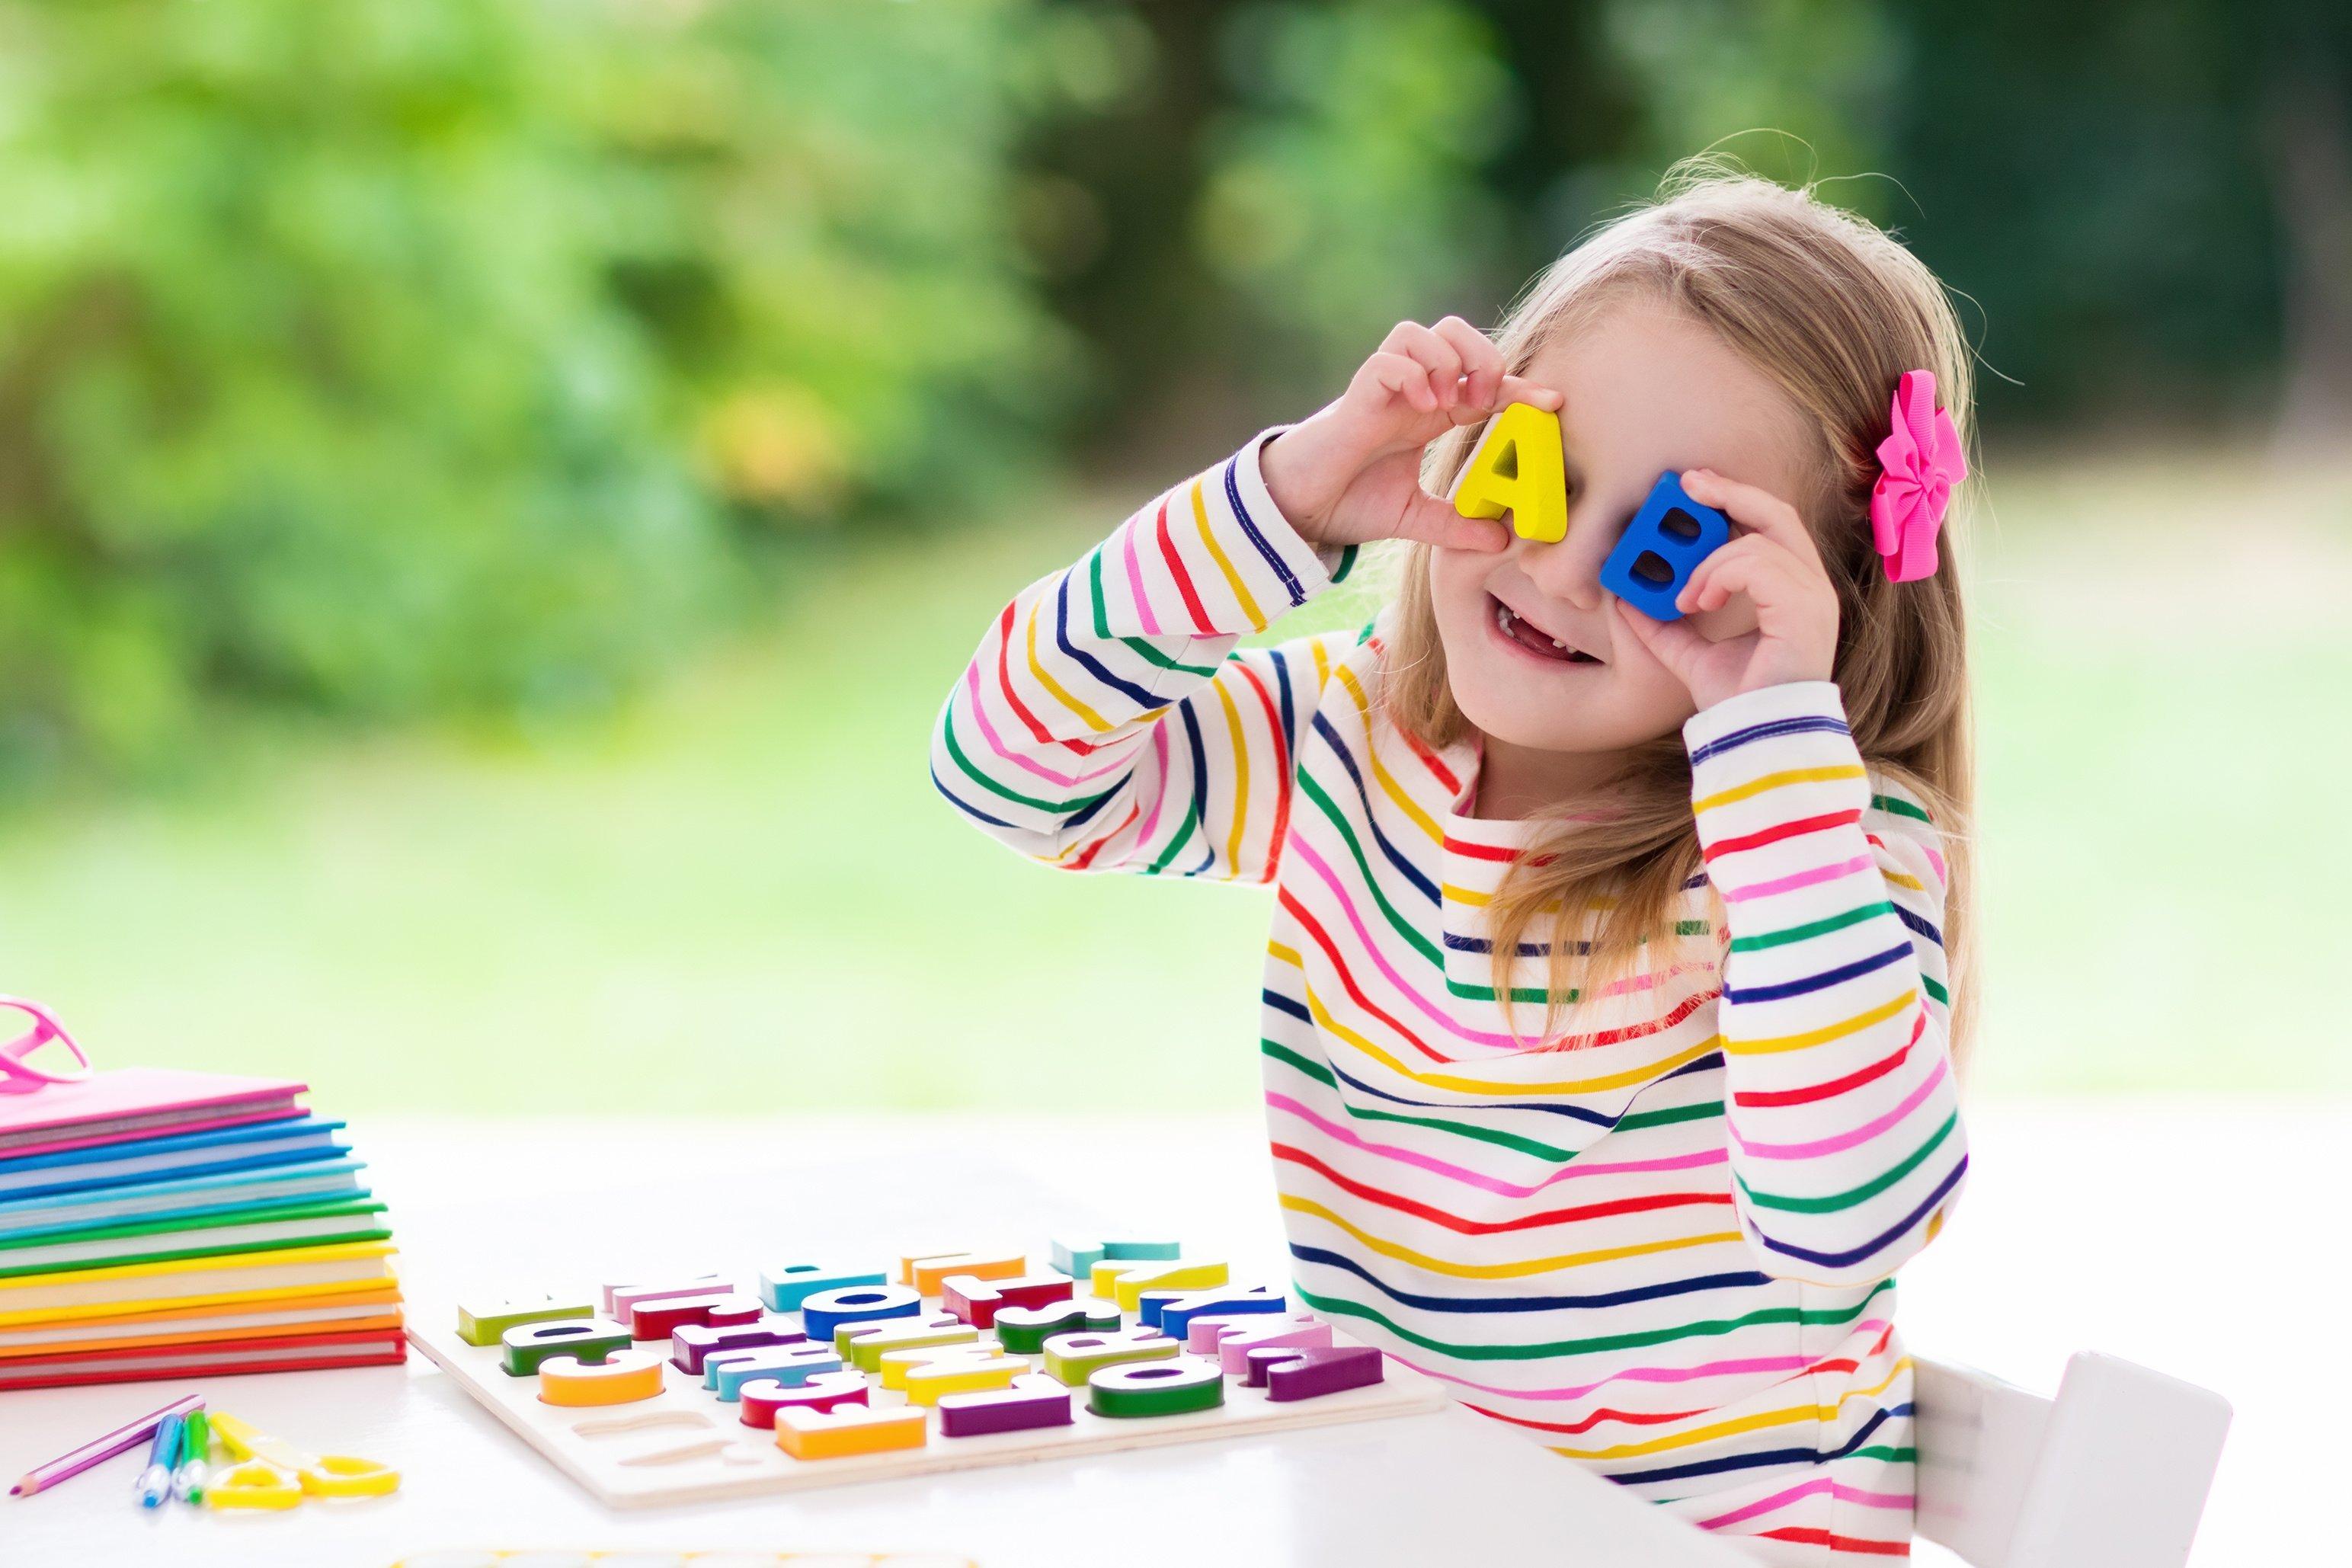 Kind hält sich Spielzeug Buchstaben vor die augen